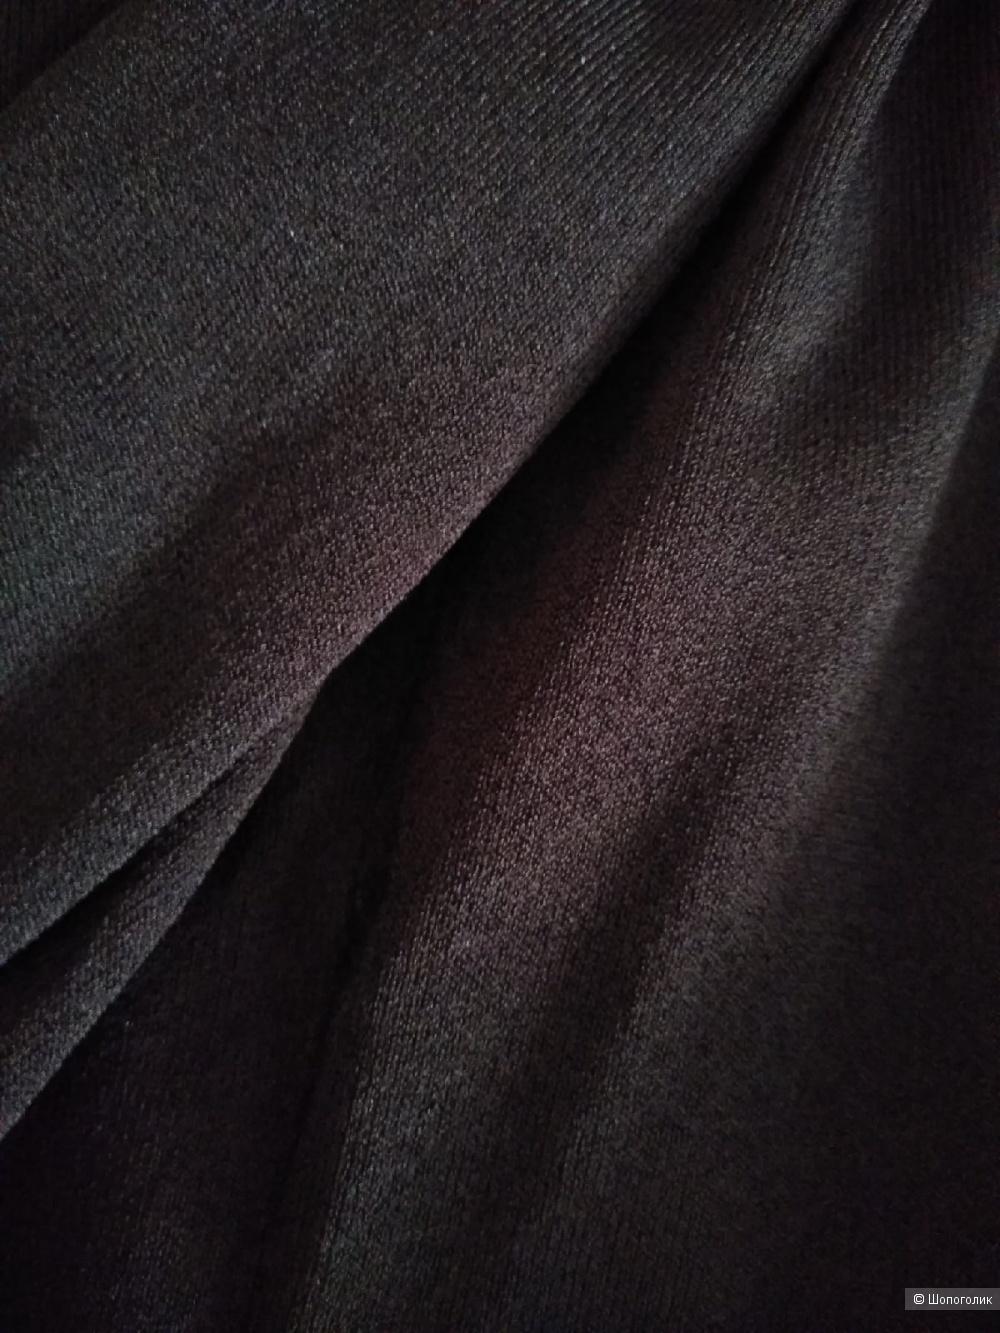 Кардиган из вискозы Aws. Размер: 42-44